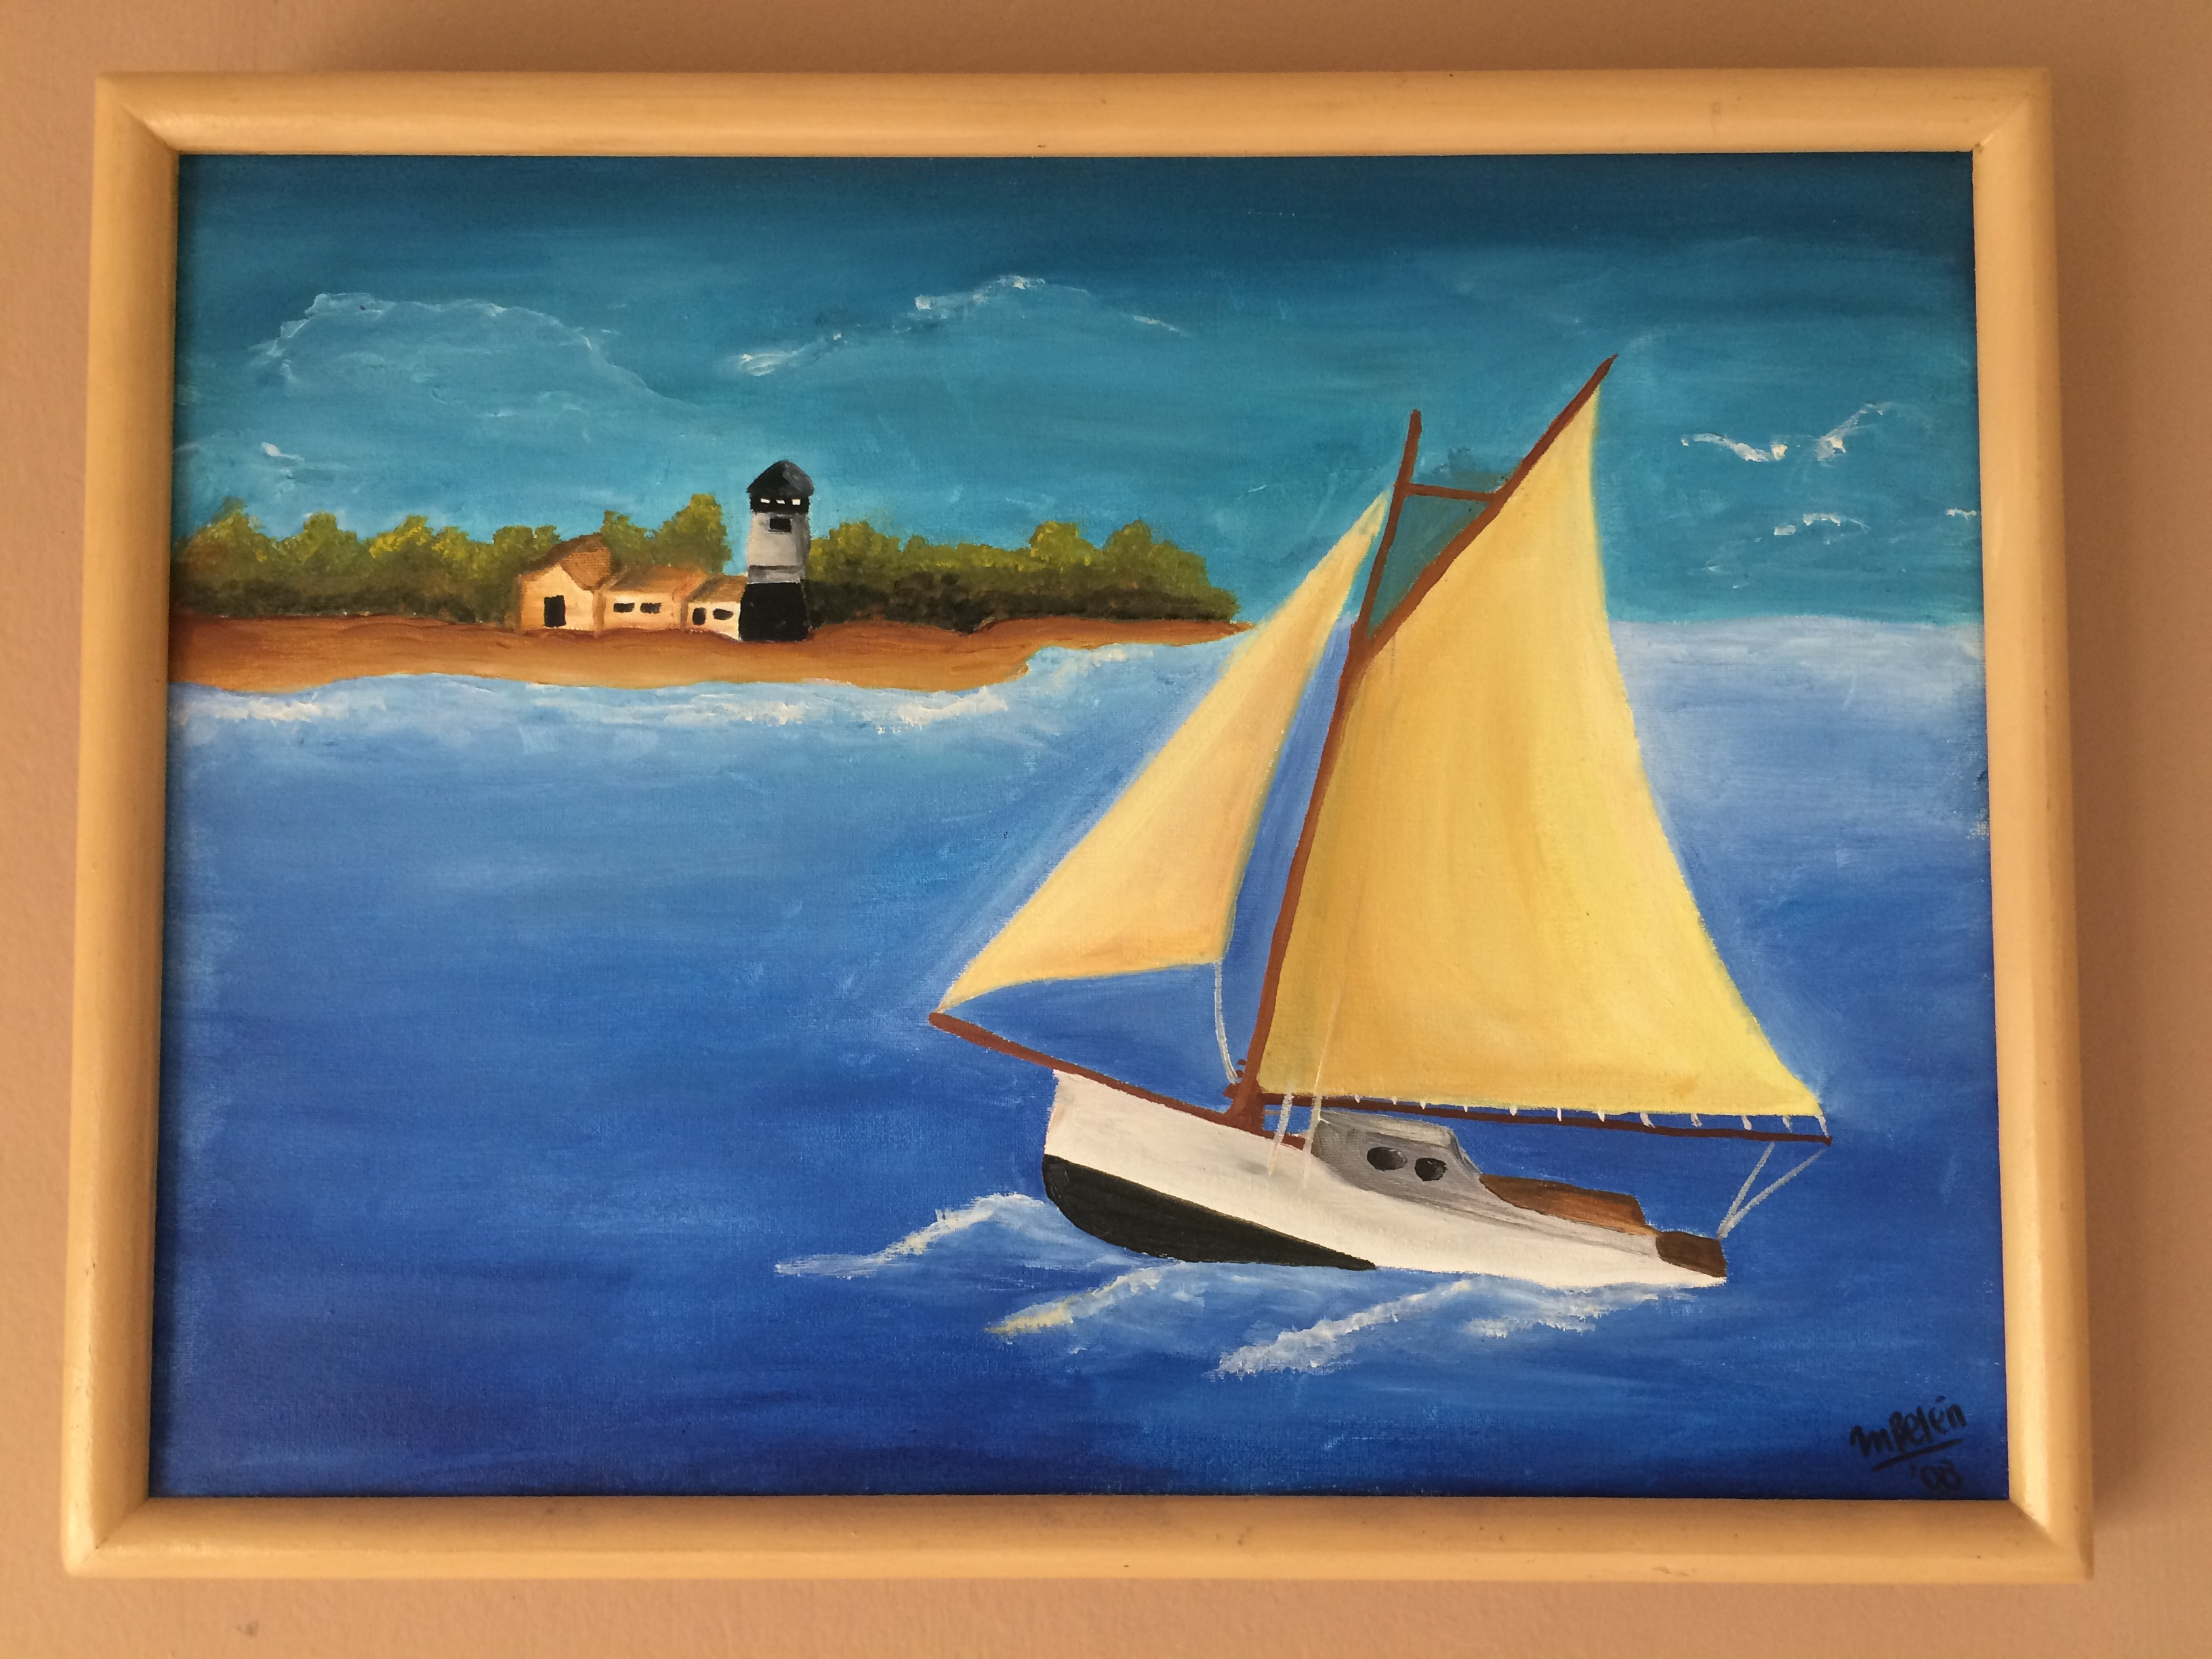 Paisaje al oleo barco en el mar cuadro original leo for Imagenes de cuadros abstractos texturados